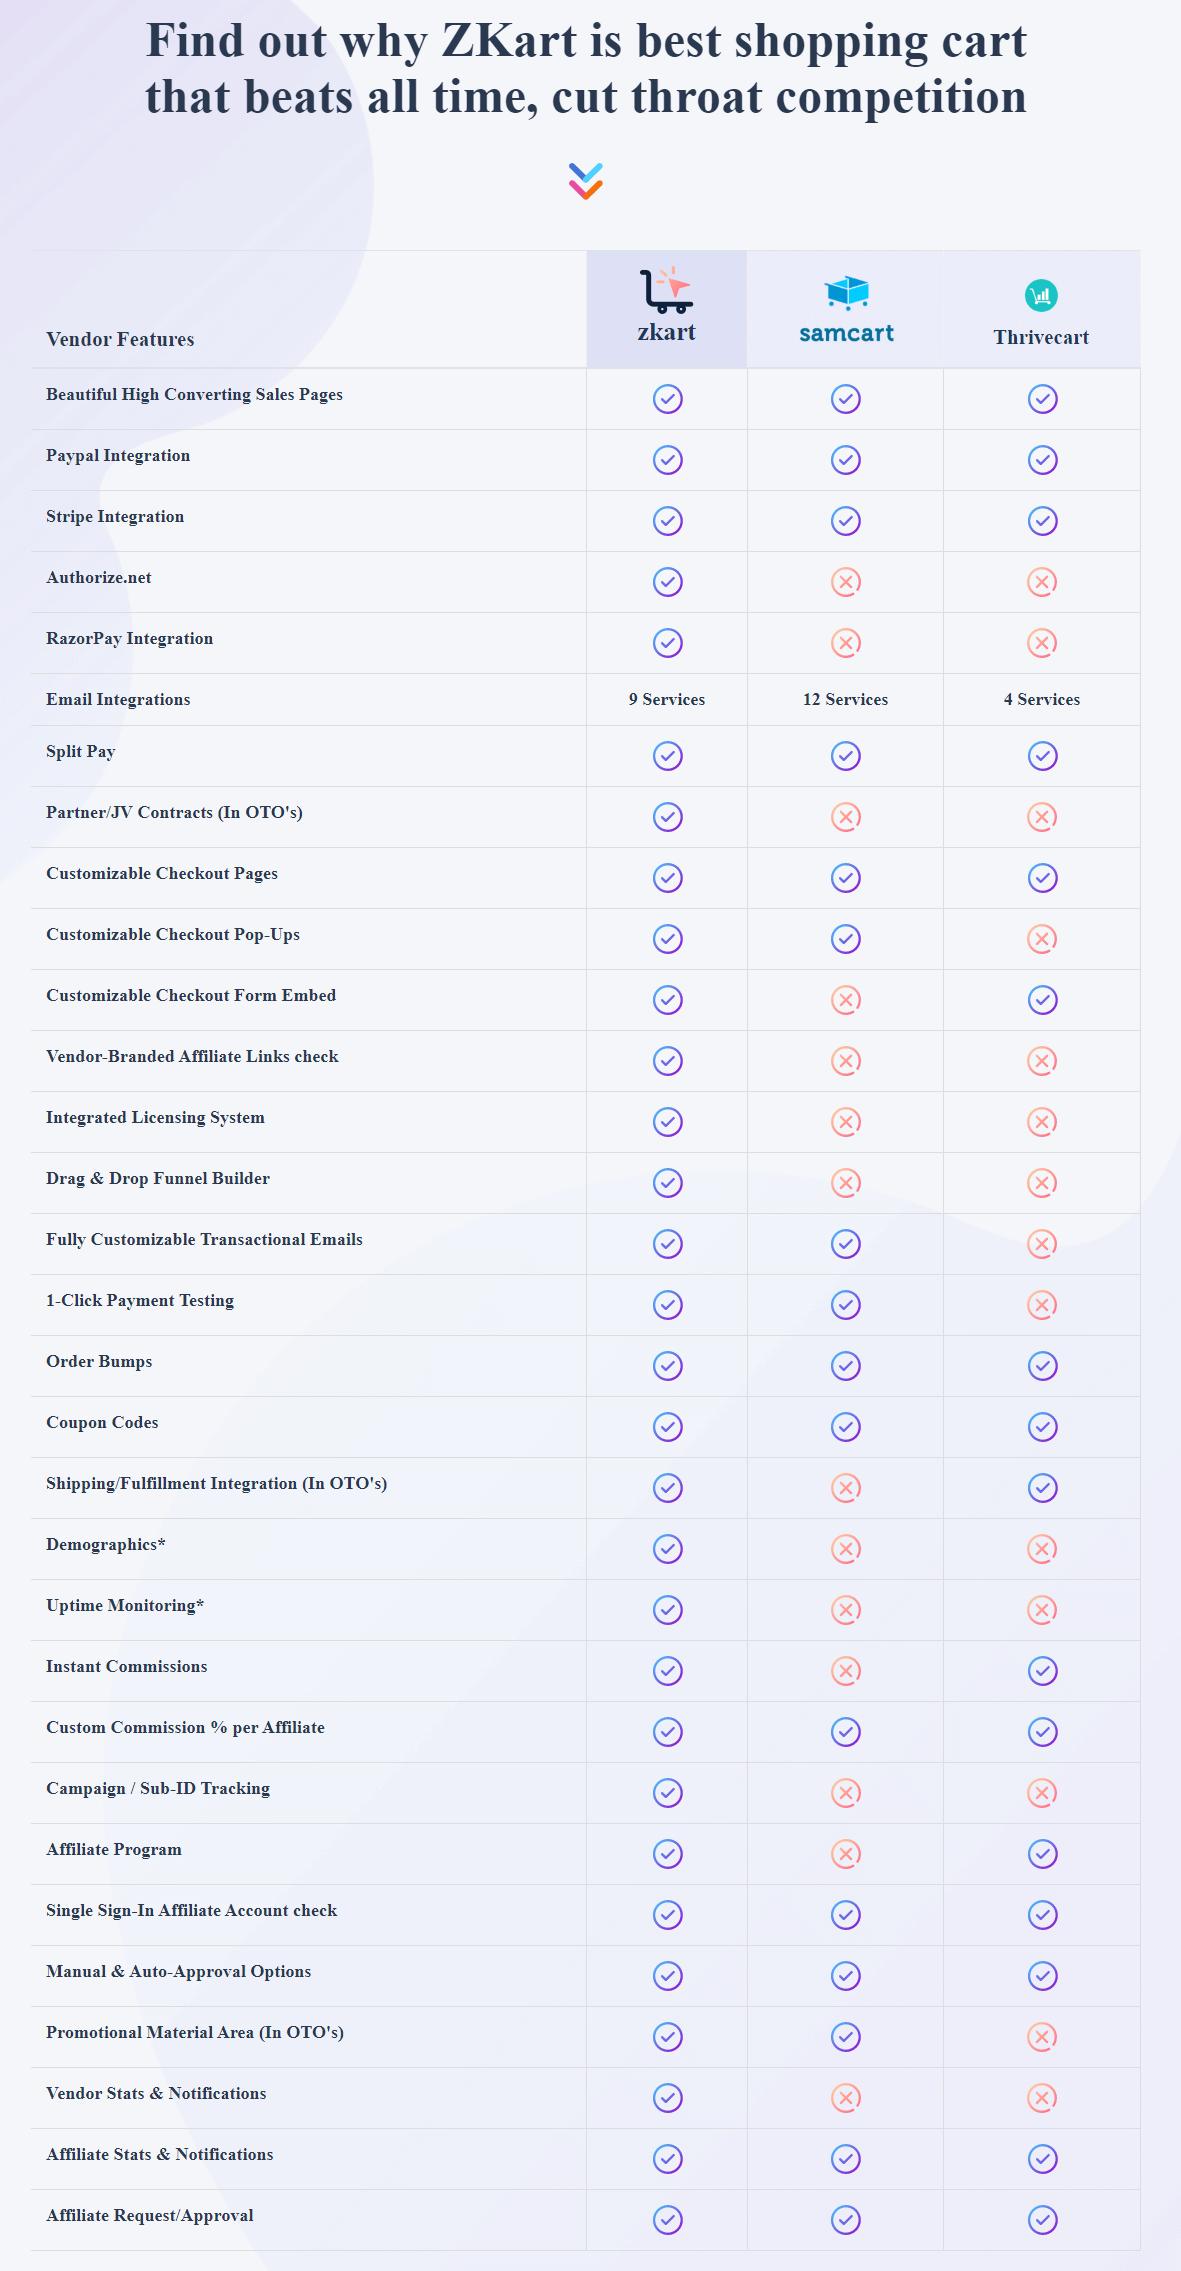 ZKart-Comparison